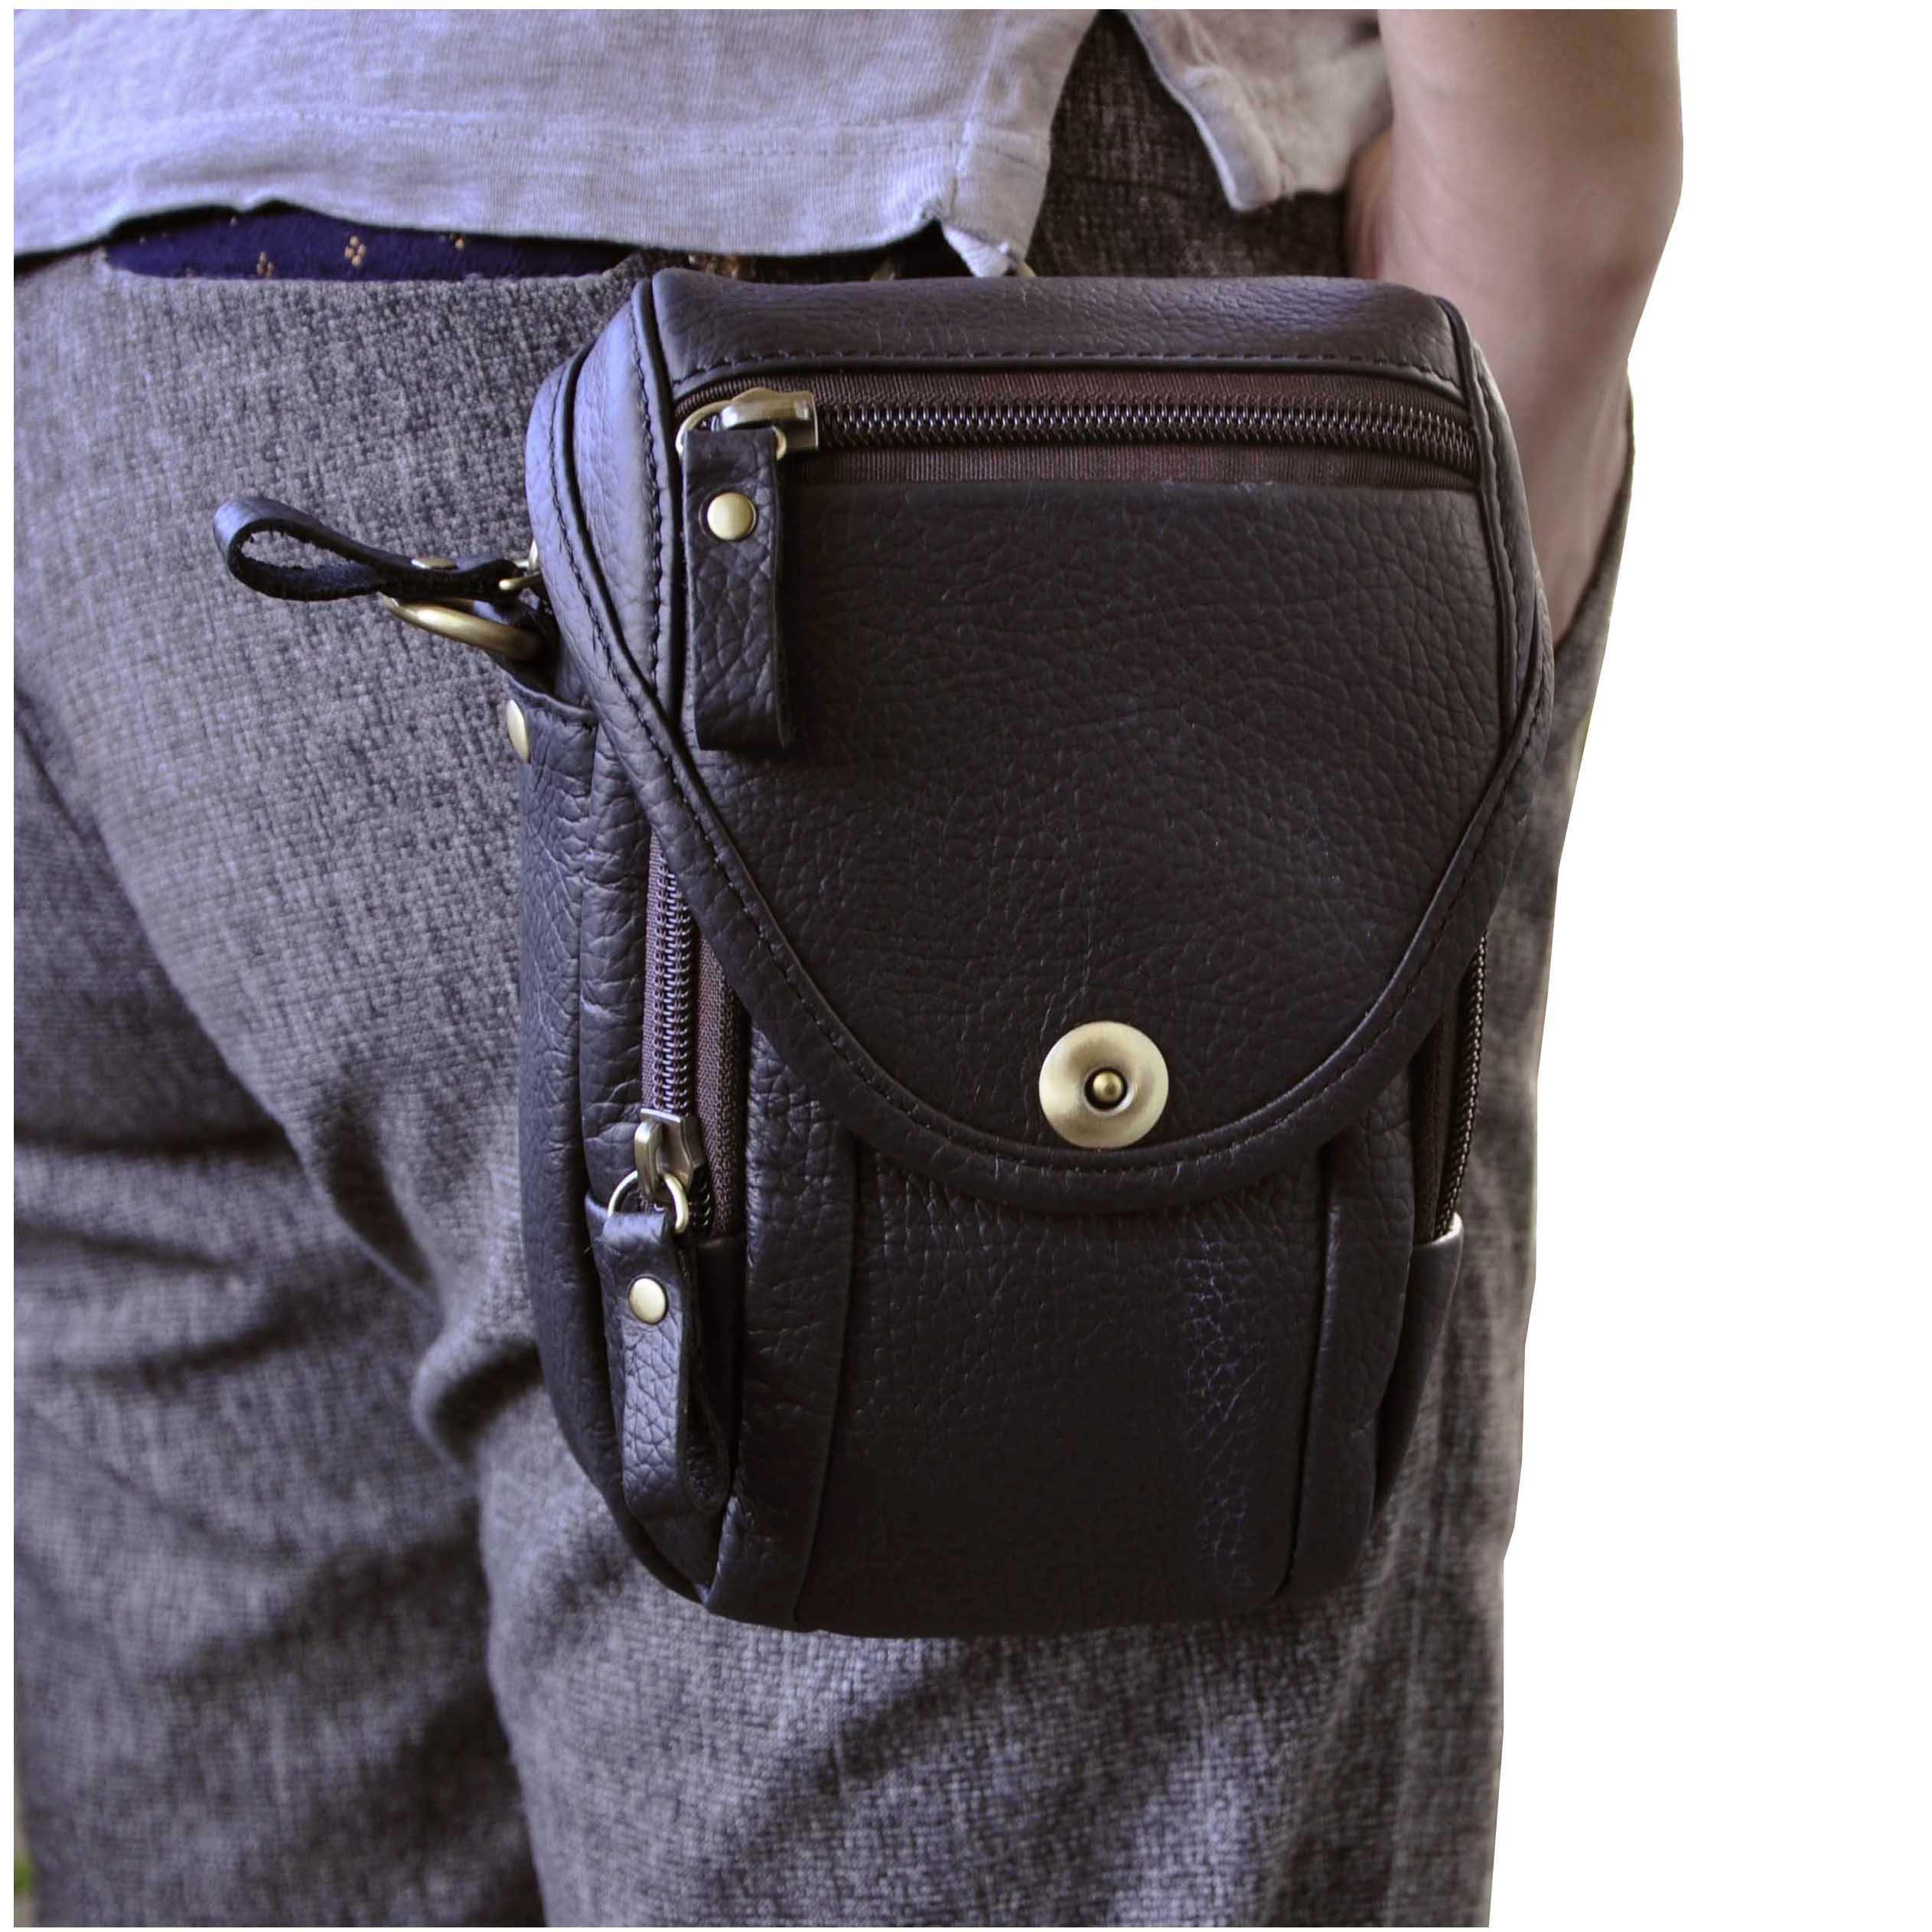 Le'aokuu Mens Vintage Fanny Small Messenger Shoulder Satchel Genuine Leather Waist Bag Pack (The 269 Black)